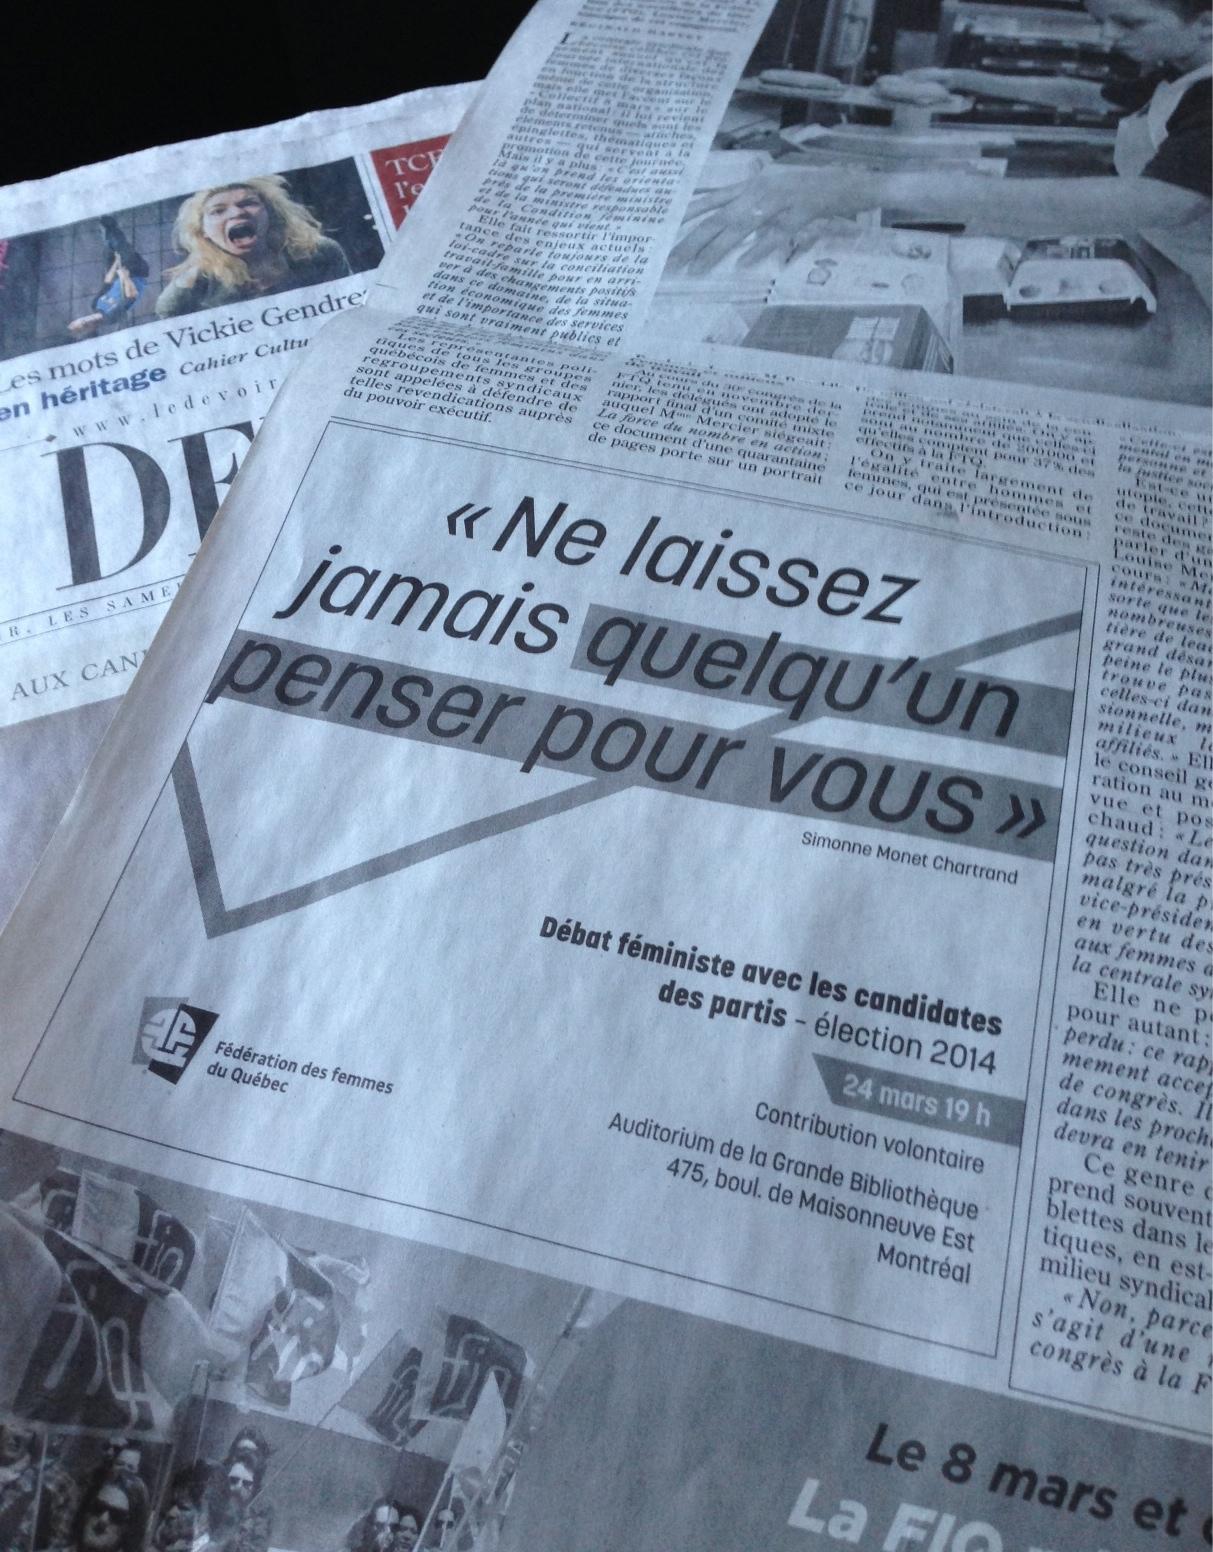 ...et parue dans le journal  Le Devoir  du samedi 8 mars dernier, à l'occasion de la Journée internationale de la femme 2014